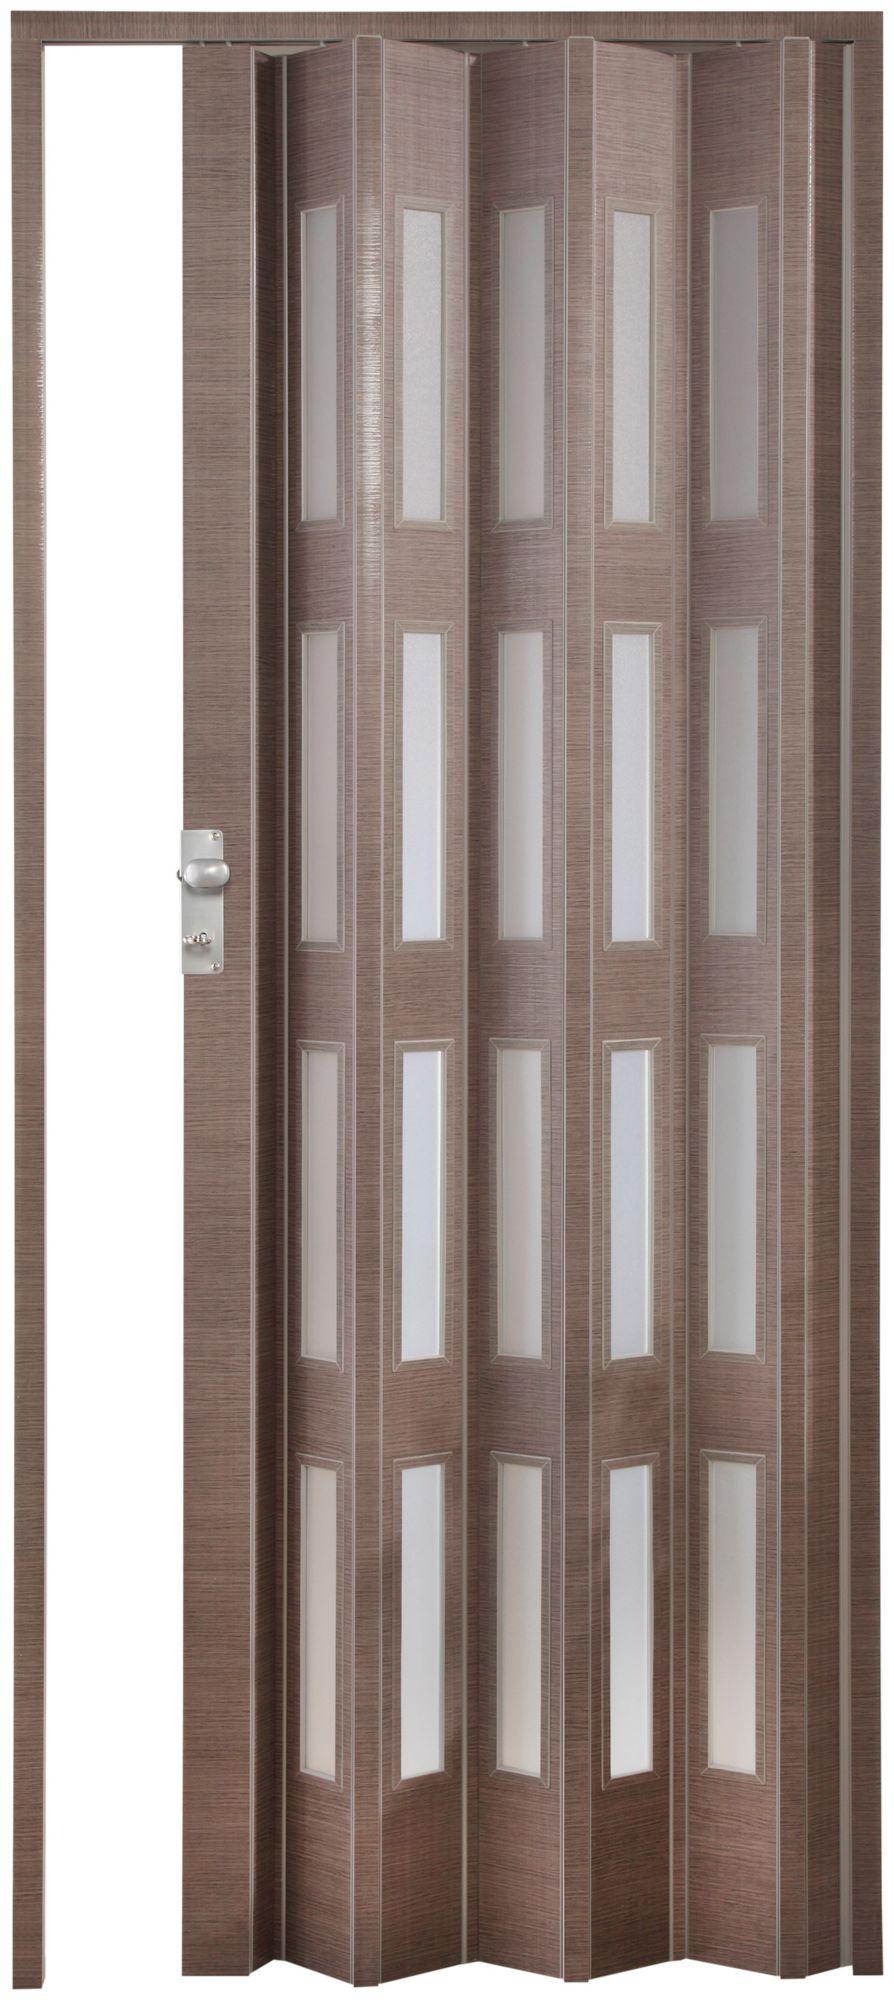 FORTE  Kunststoff-Falttür »Elvira«, eiche taupe, mit 4 satinierten Fenstern